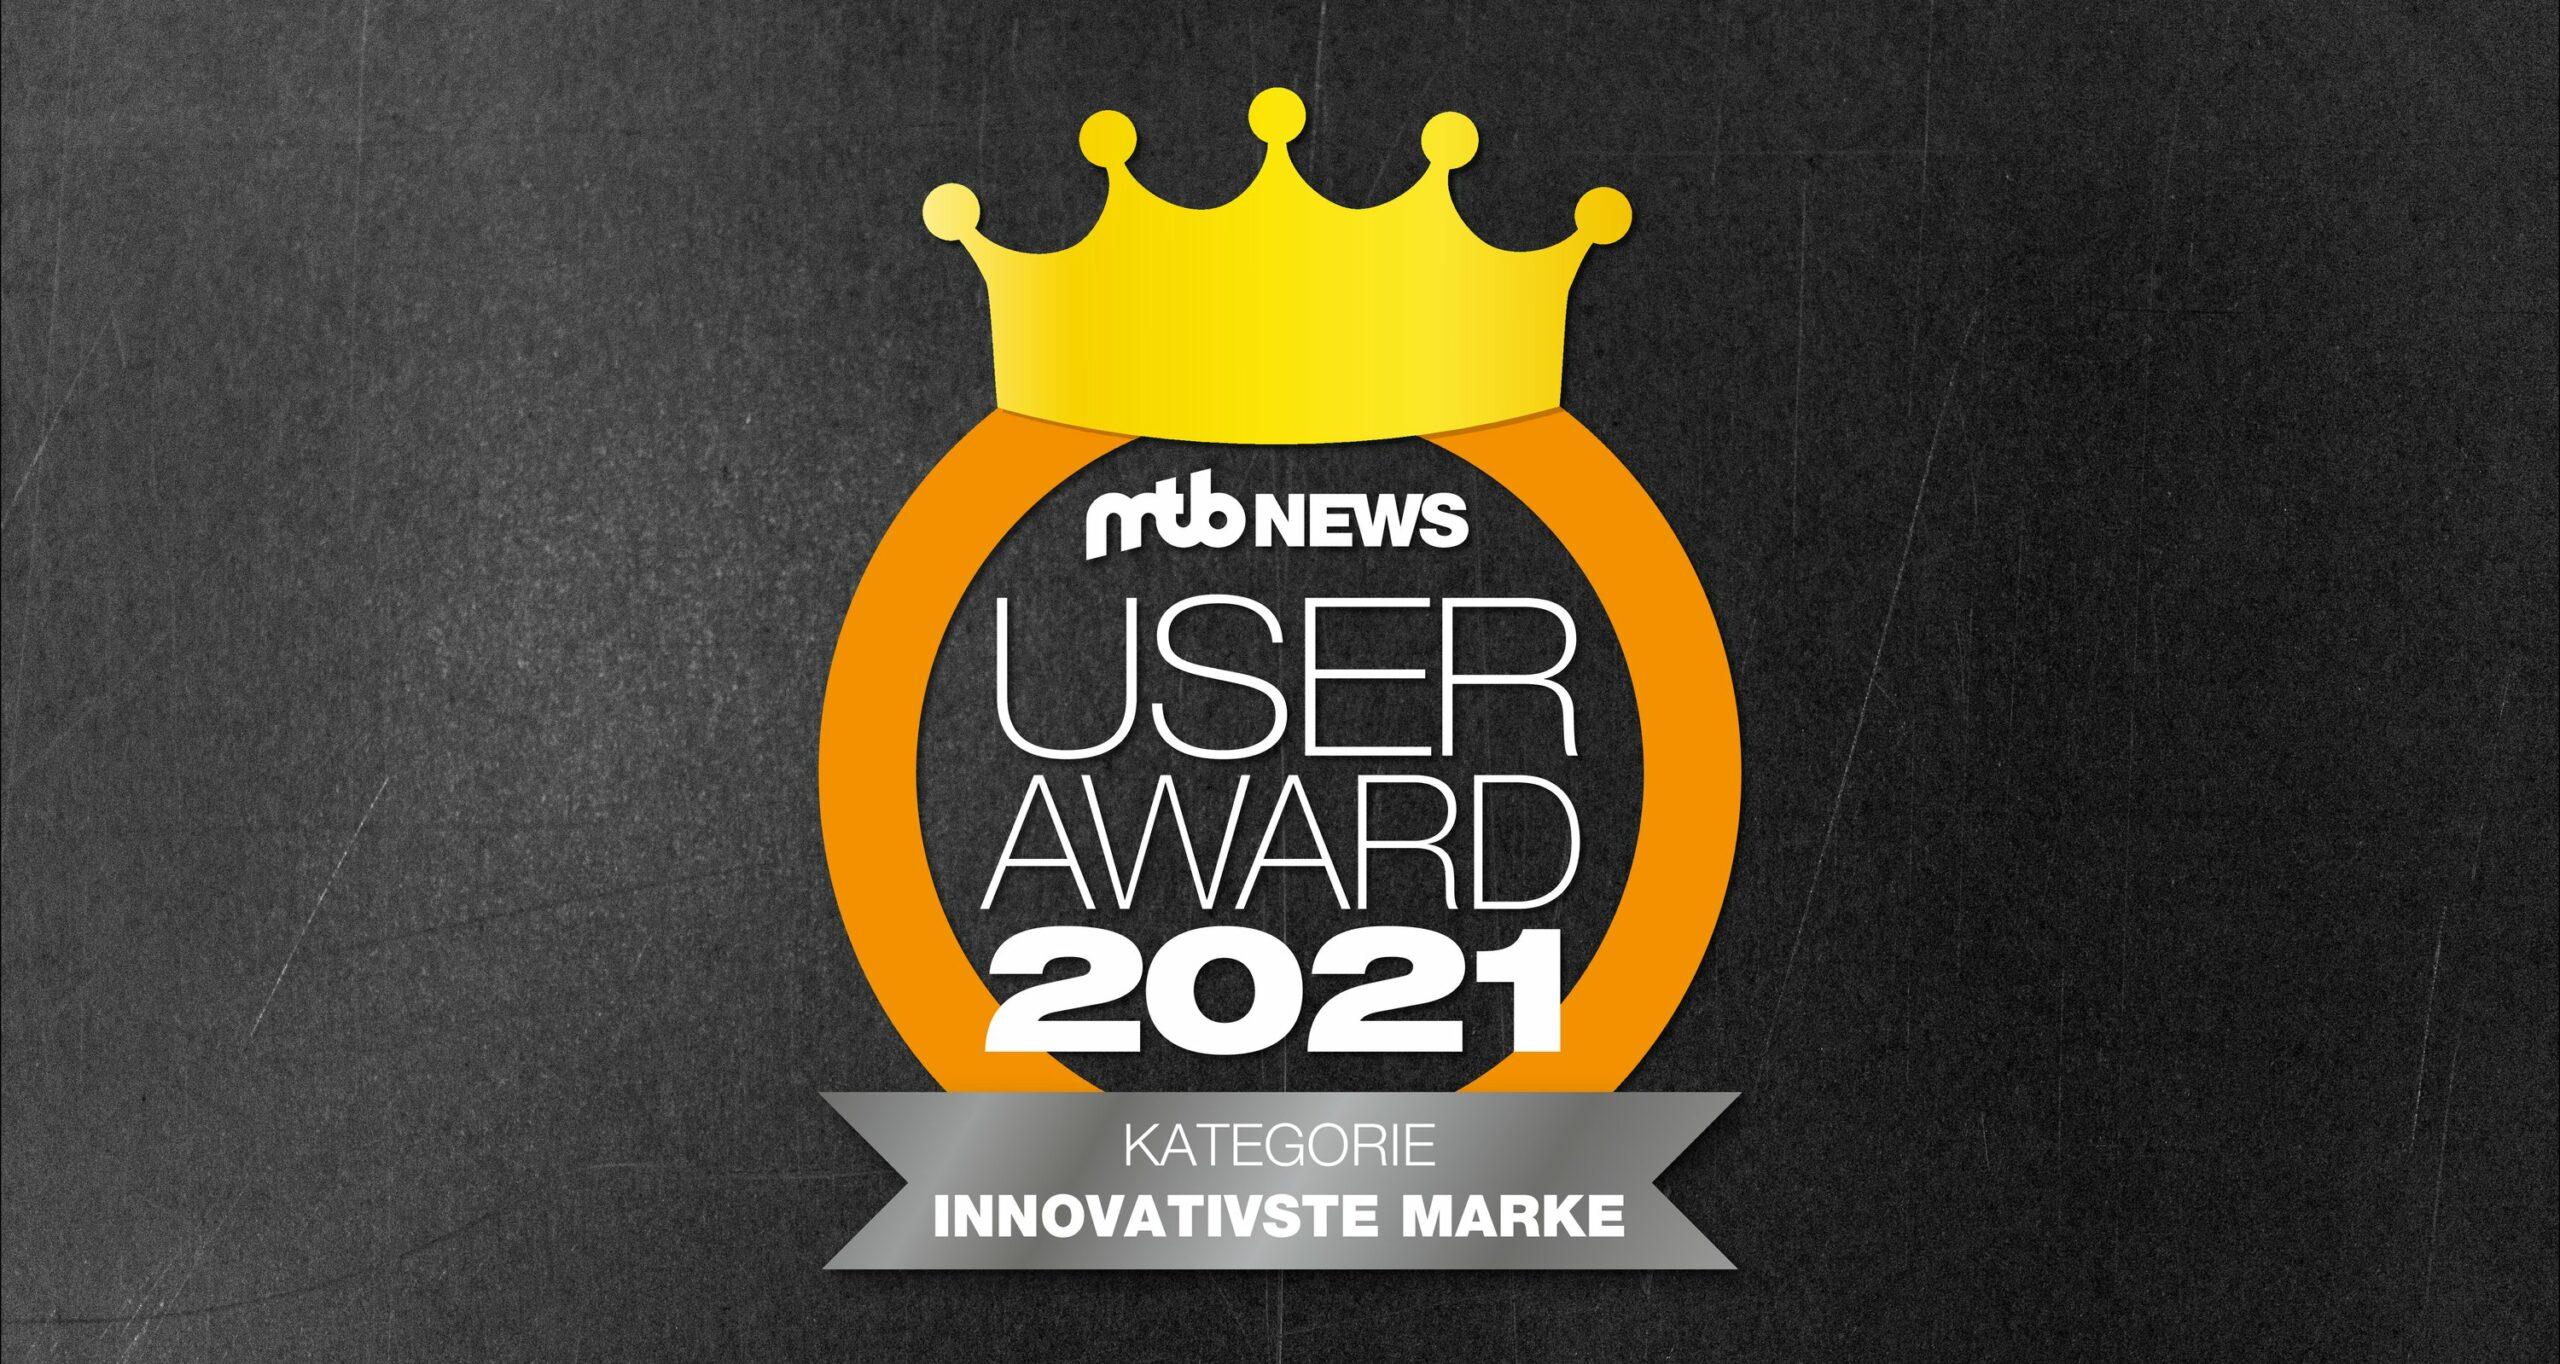 MTB-News User Award 2021: Innovativste Marke des Jahres - MTB-News.de